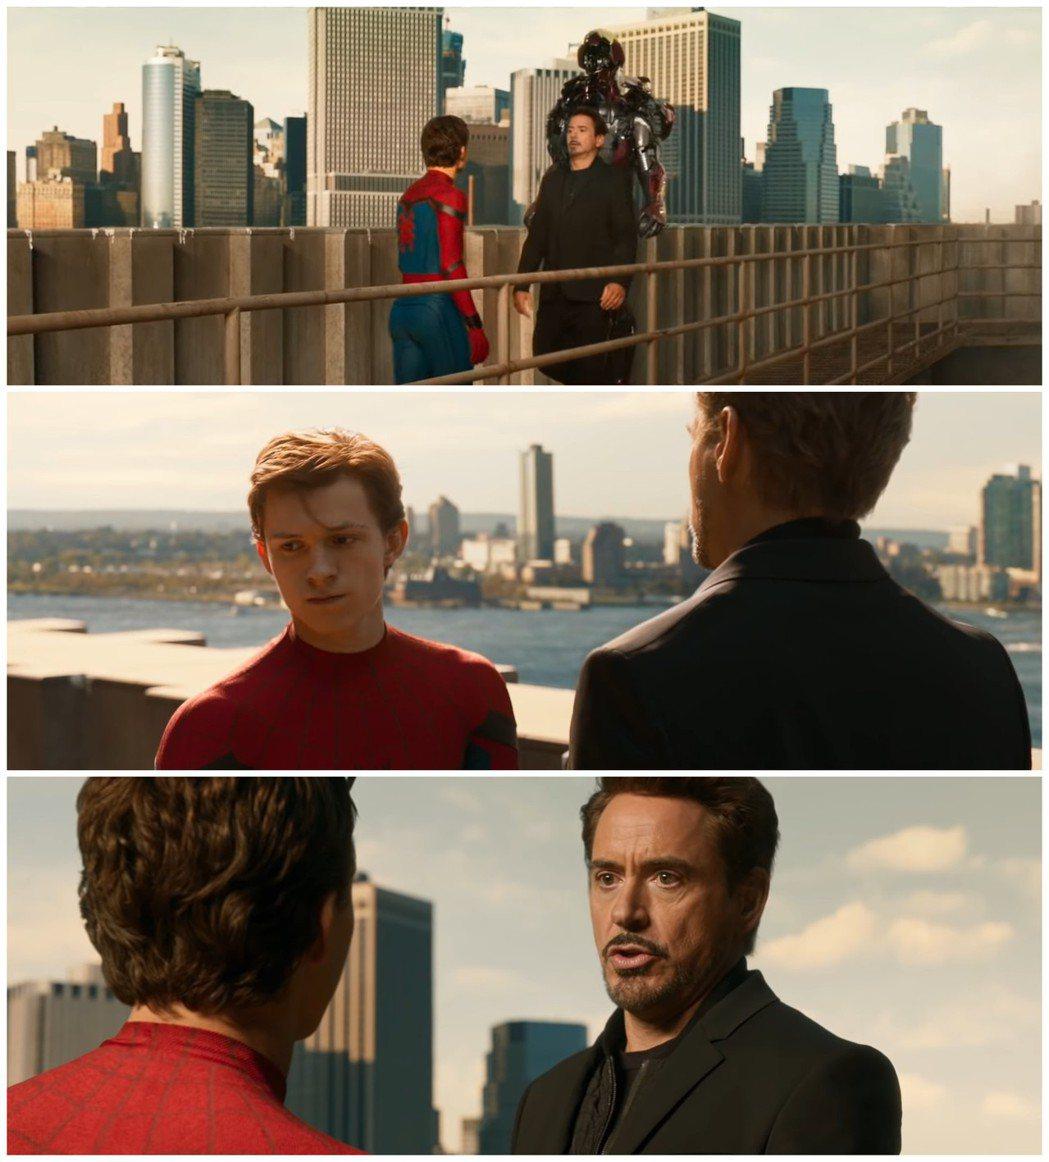 飾演「鋼鐵人」的小勞勃道尼(Robert Downey Jr.)與飾演「蜘蛛人」...